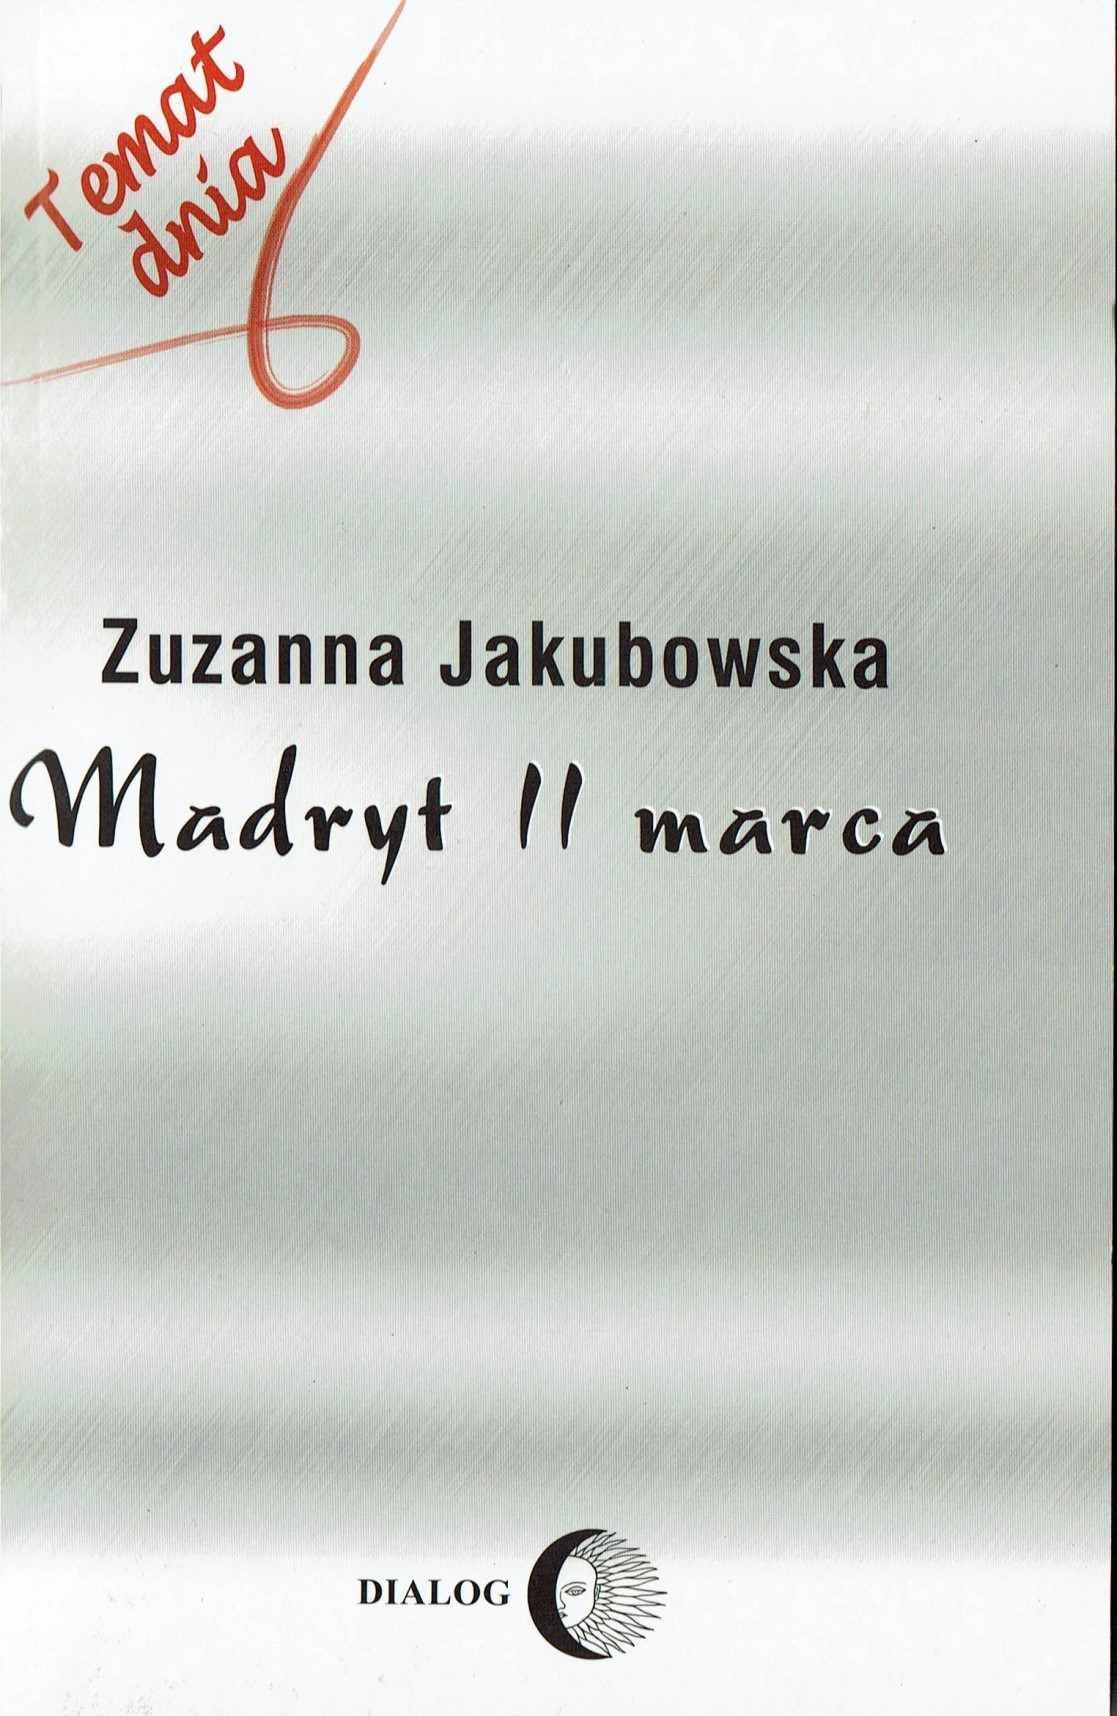 Madryt, 11 marca - Ebook (Książka na Kindle) do pobrania w formacie MOBI